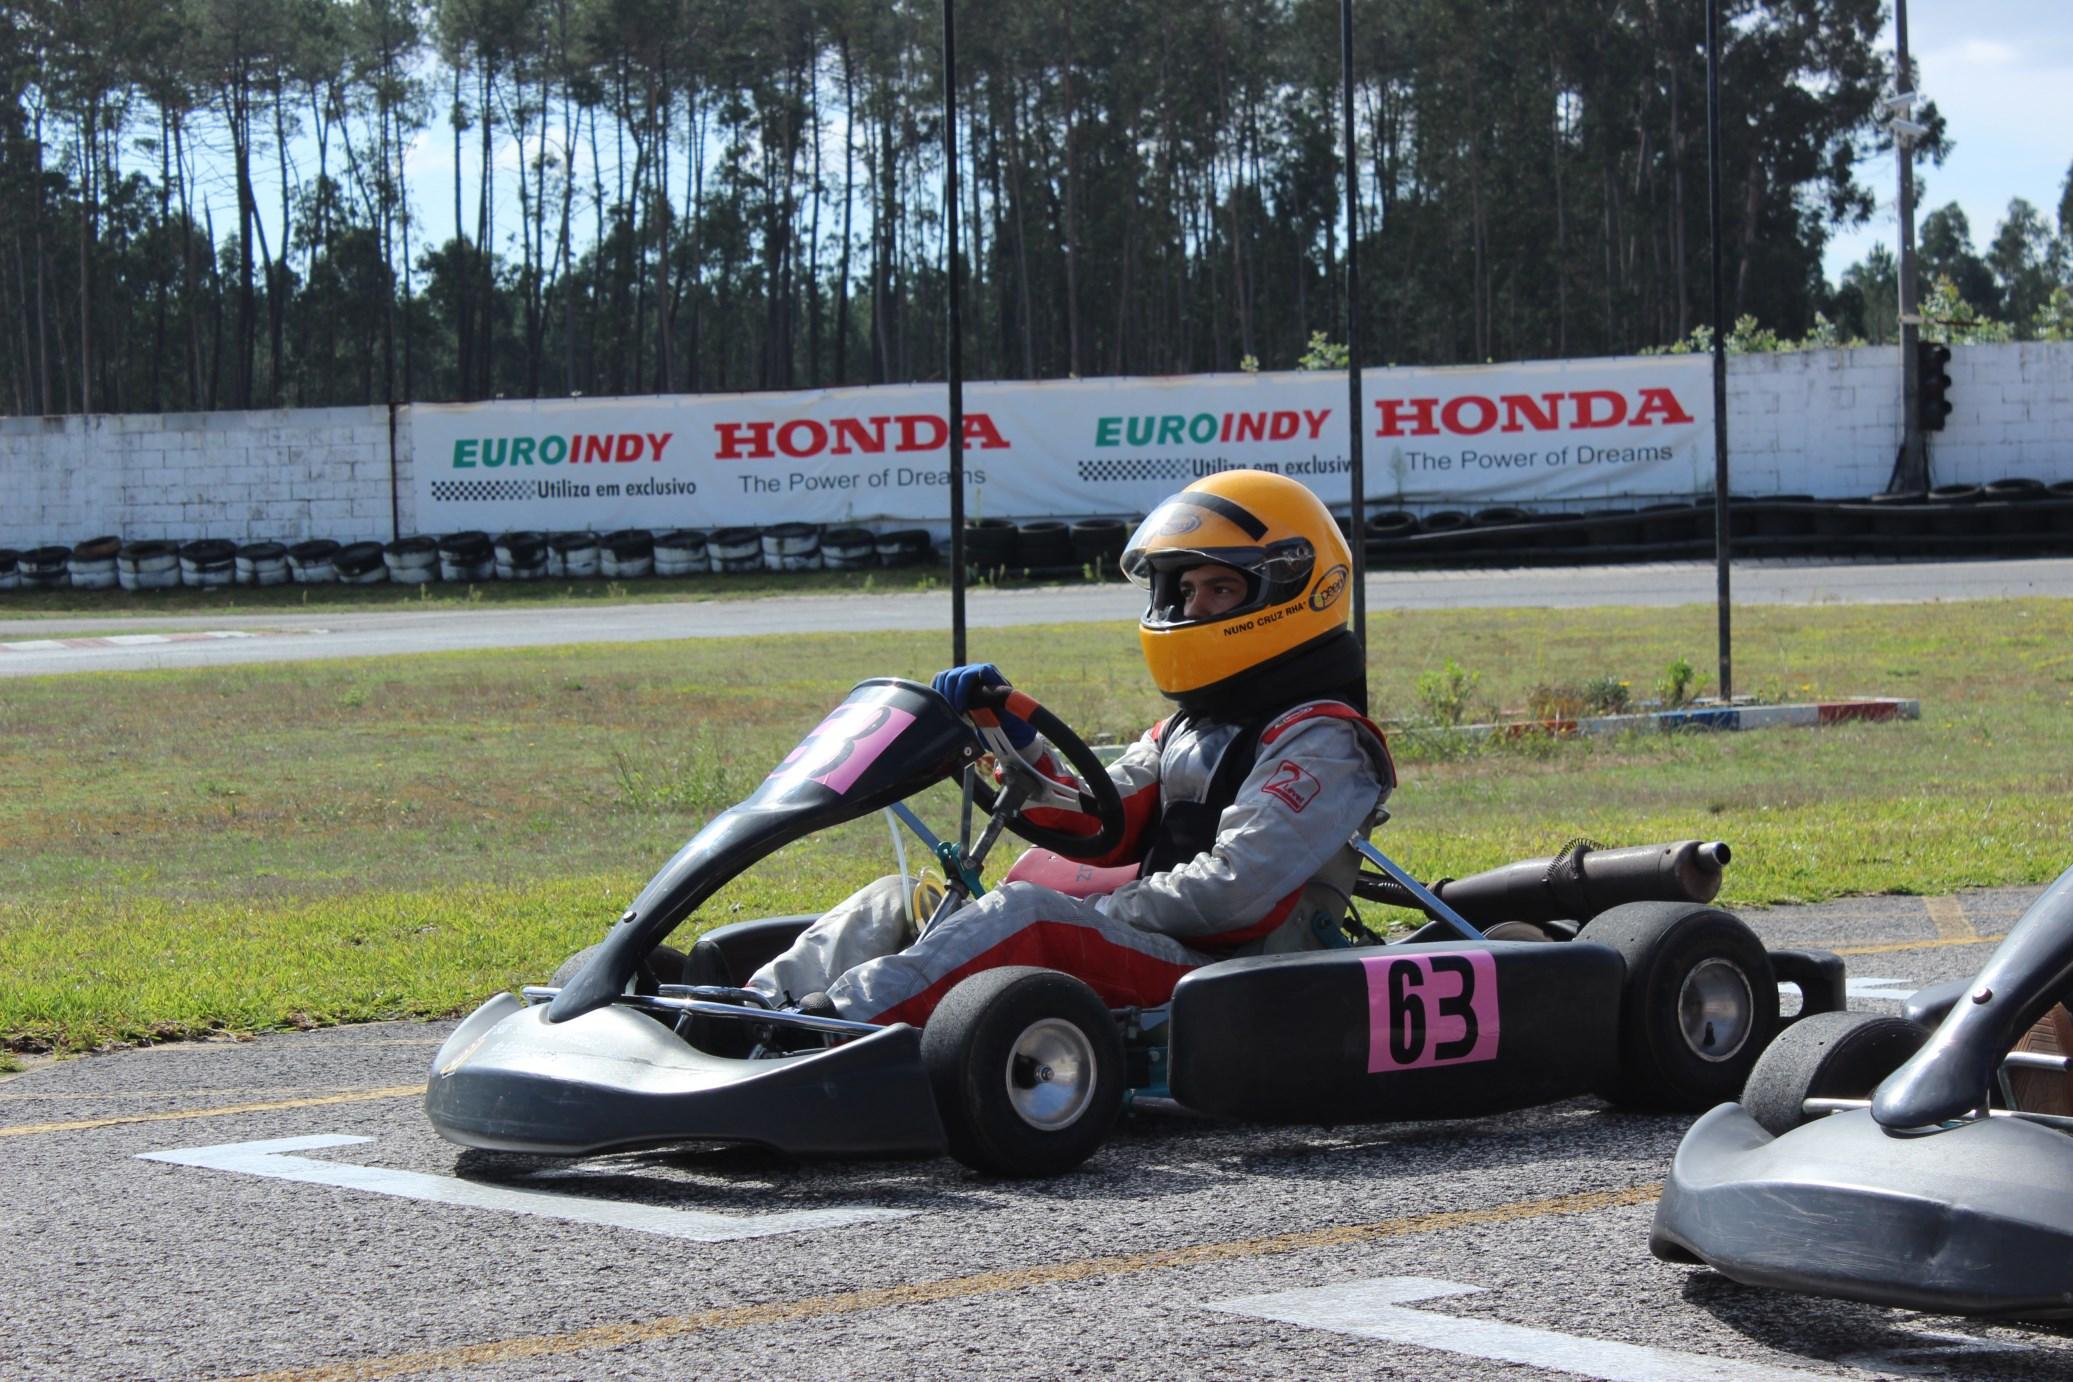 Troféu Honda 2014 - 3ª Prova53